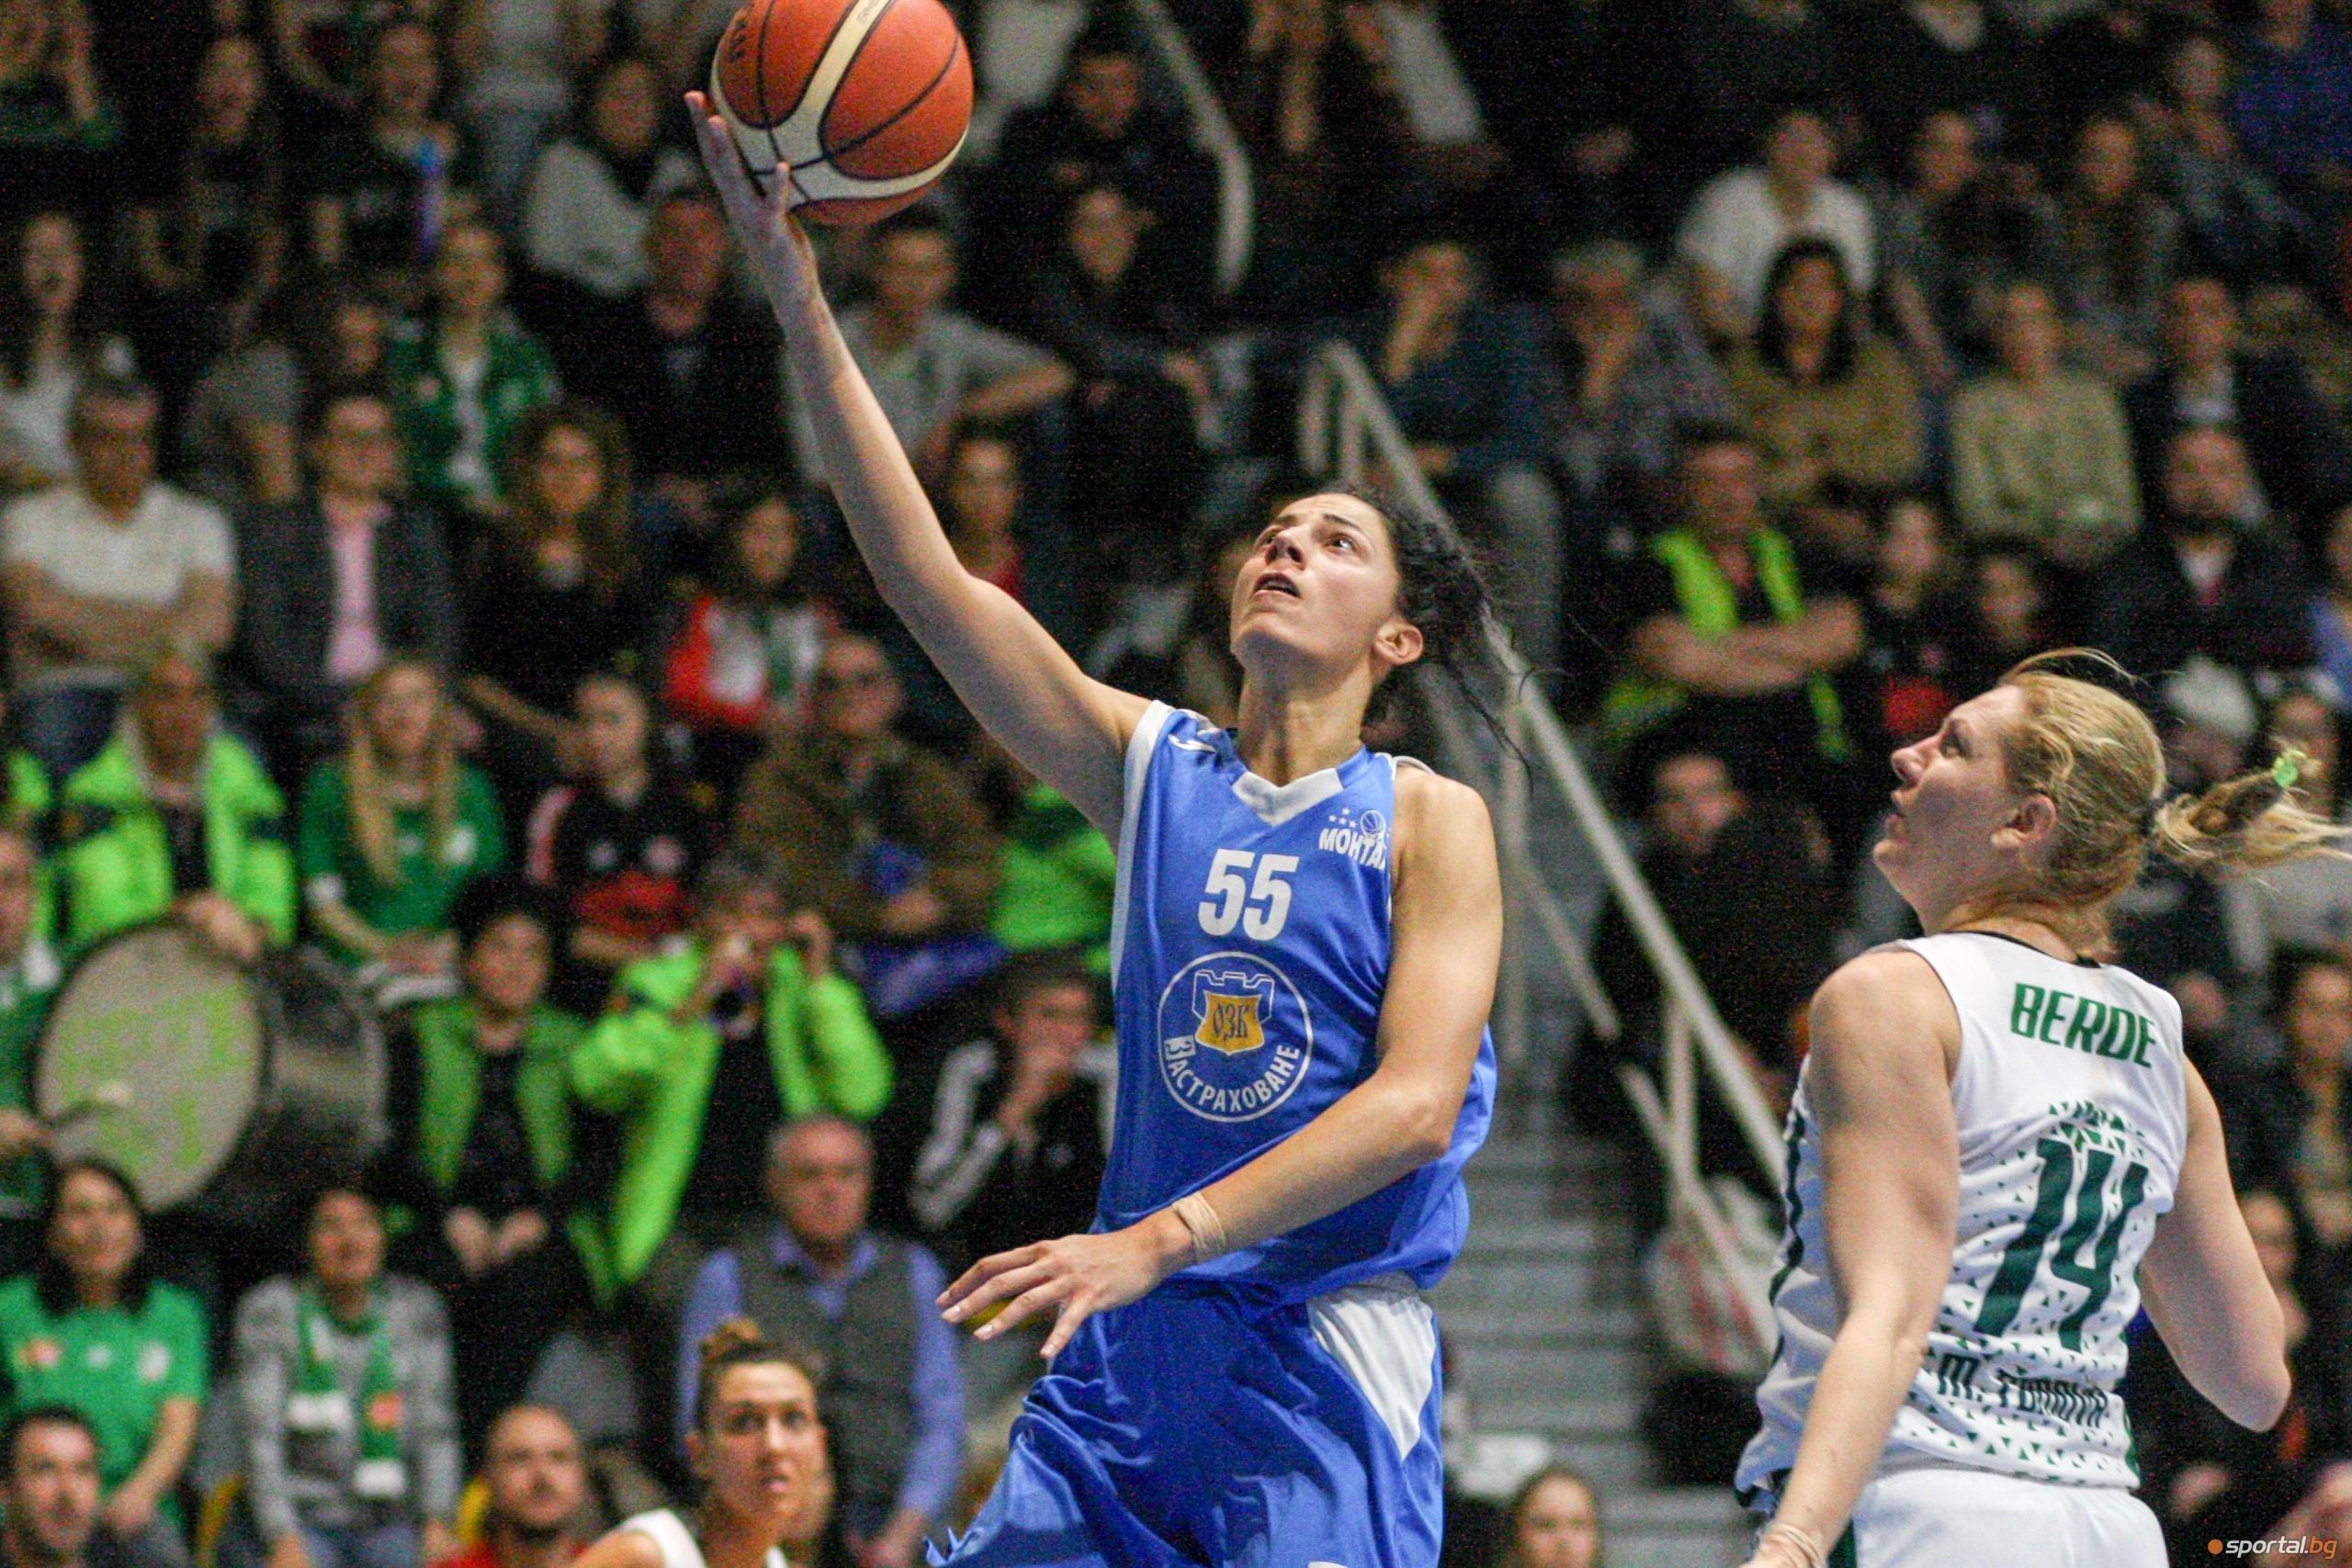 Пети мач ще реши титлата в женското баскетболно първенство на